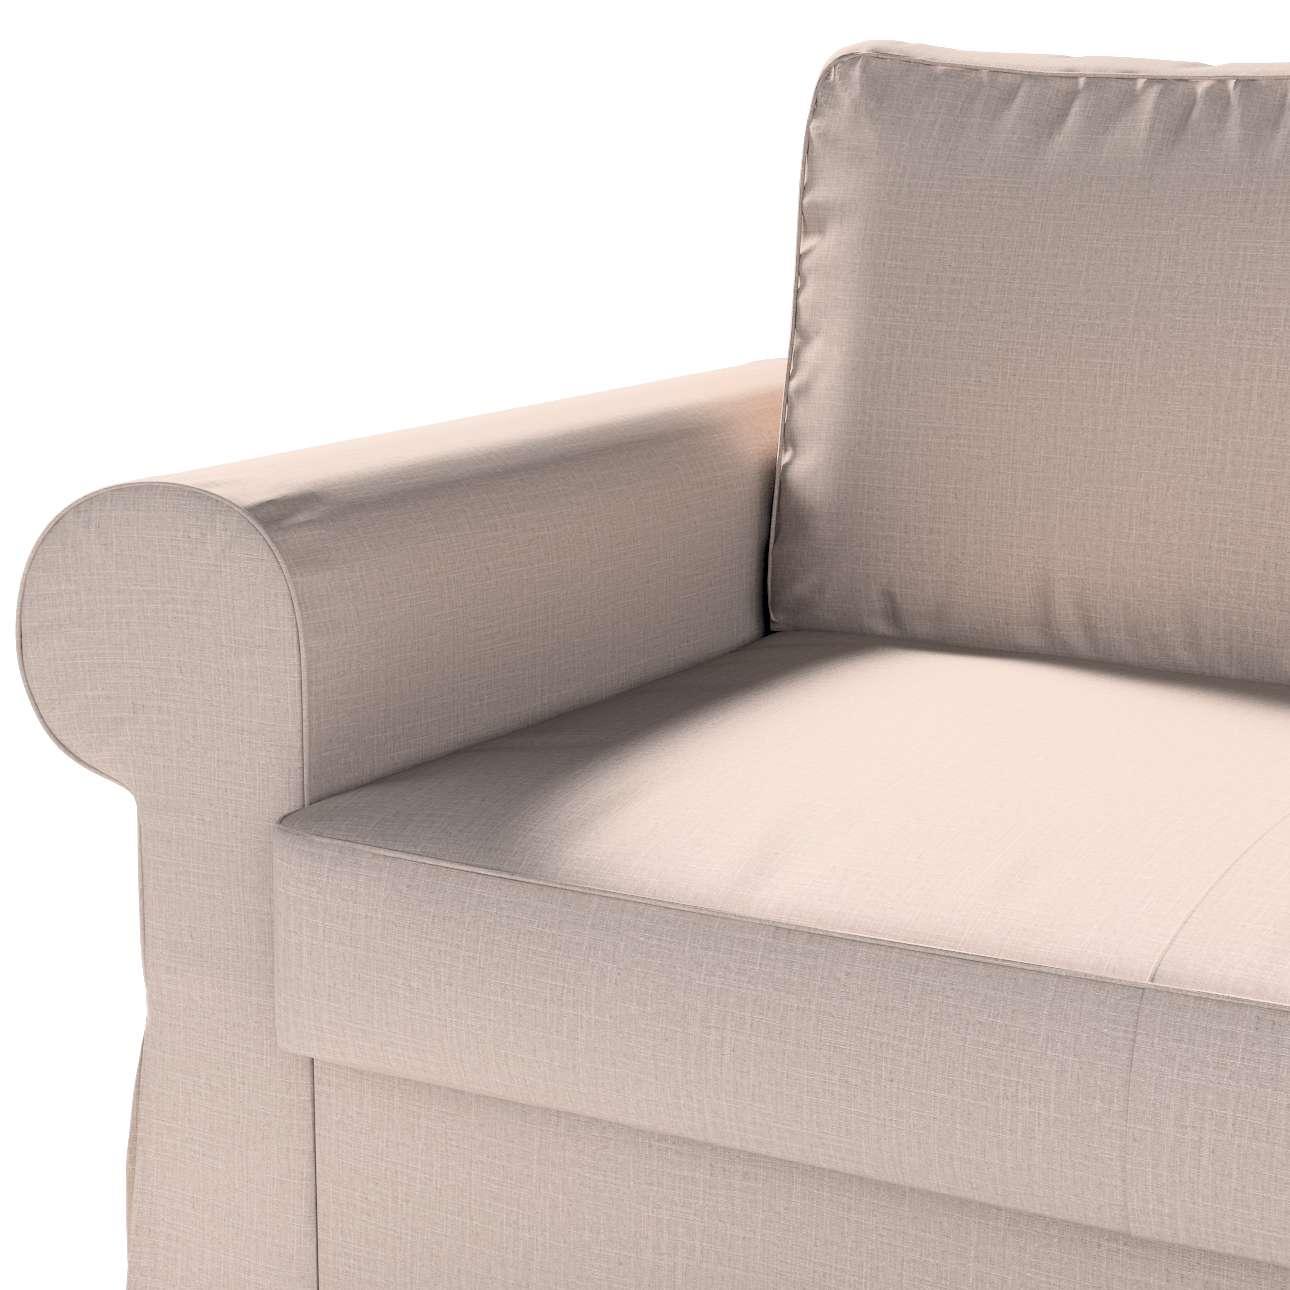 Backabro 2-Sitzer Sofabezug nicht ausklappbar von der Kollektion Living, Stoff: 160-85